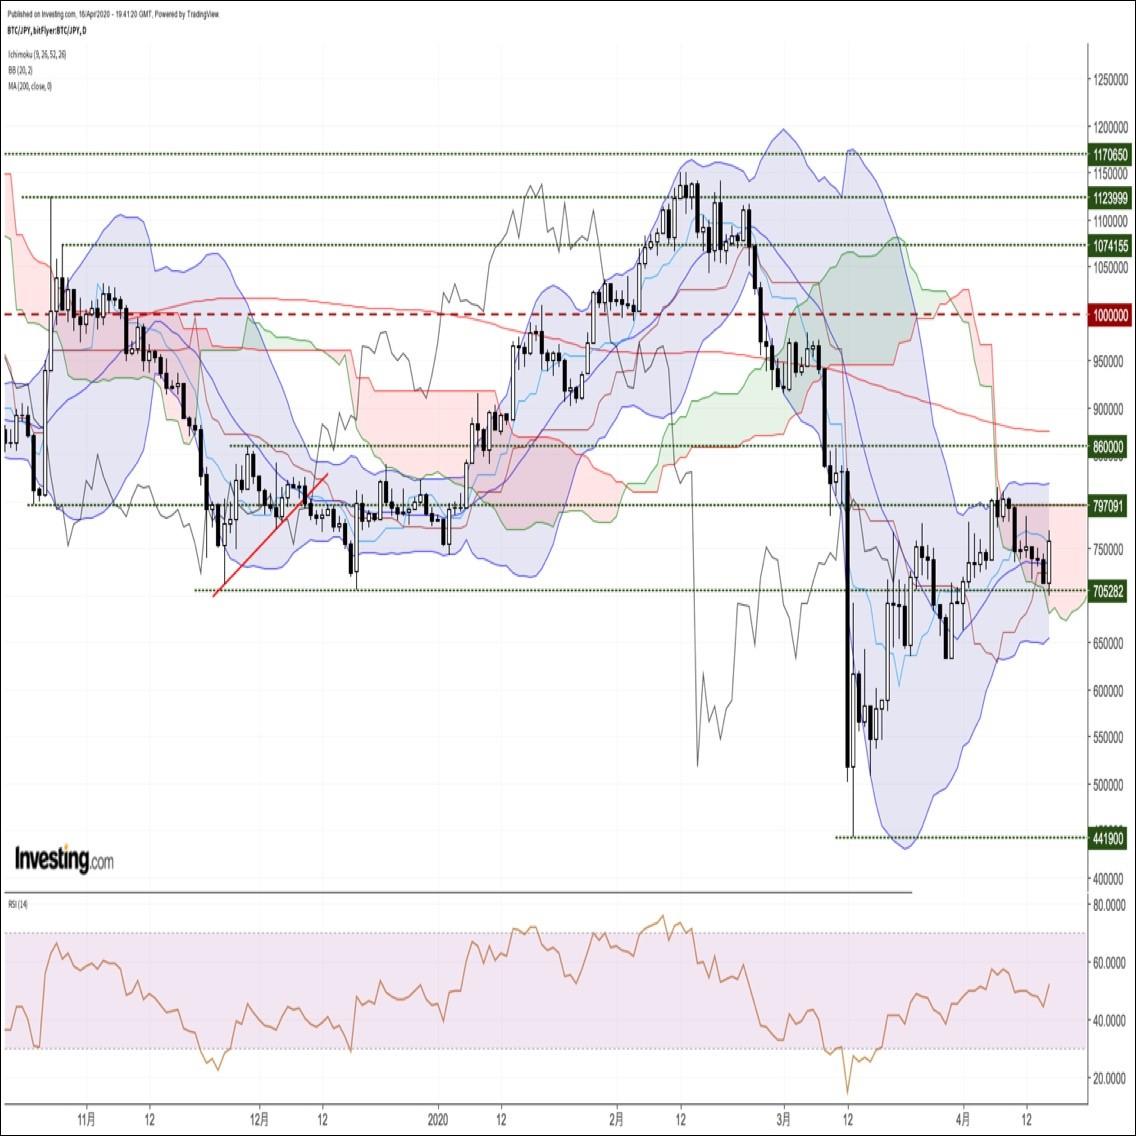 ビットコイン円、直近安値更新後に急反発。大規模ショートカバーが背景か(4/17朝)